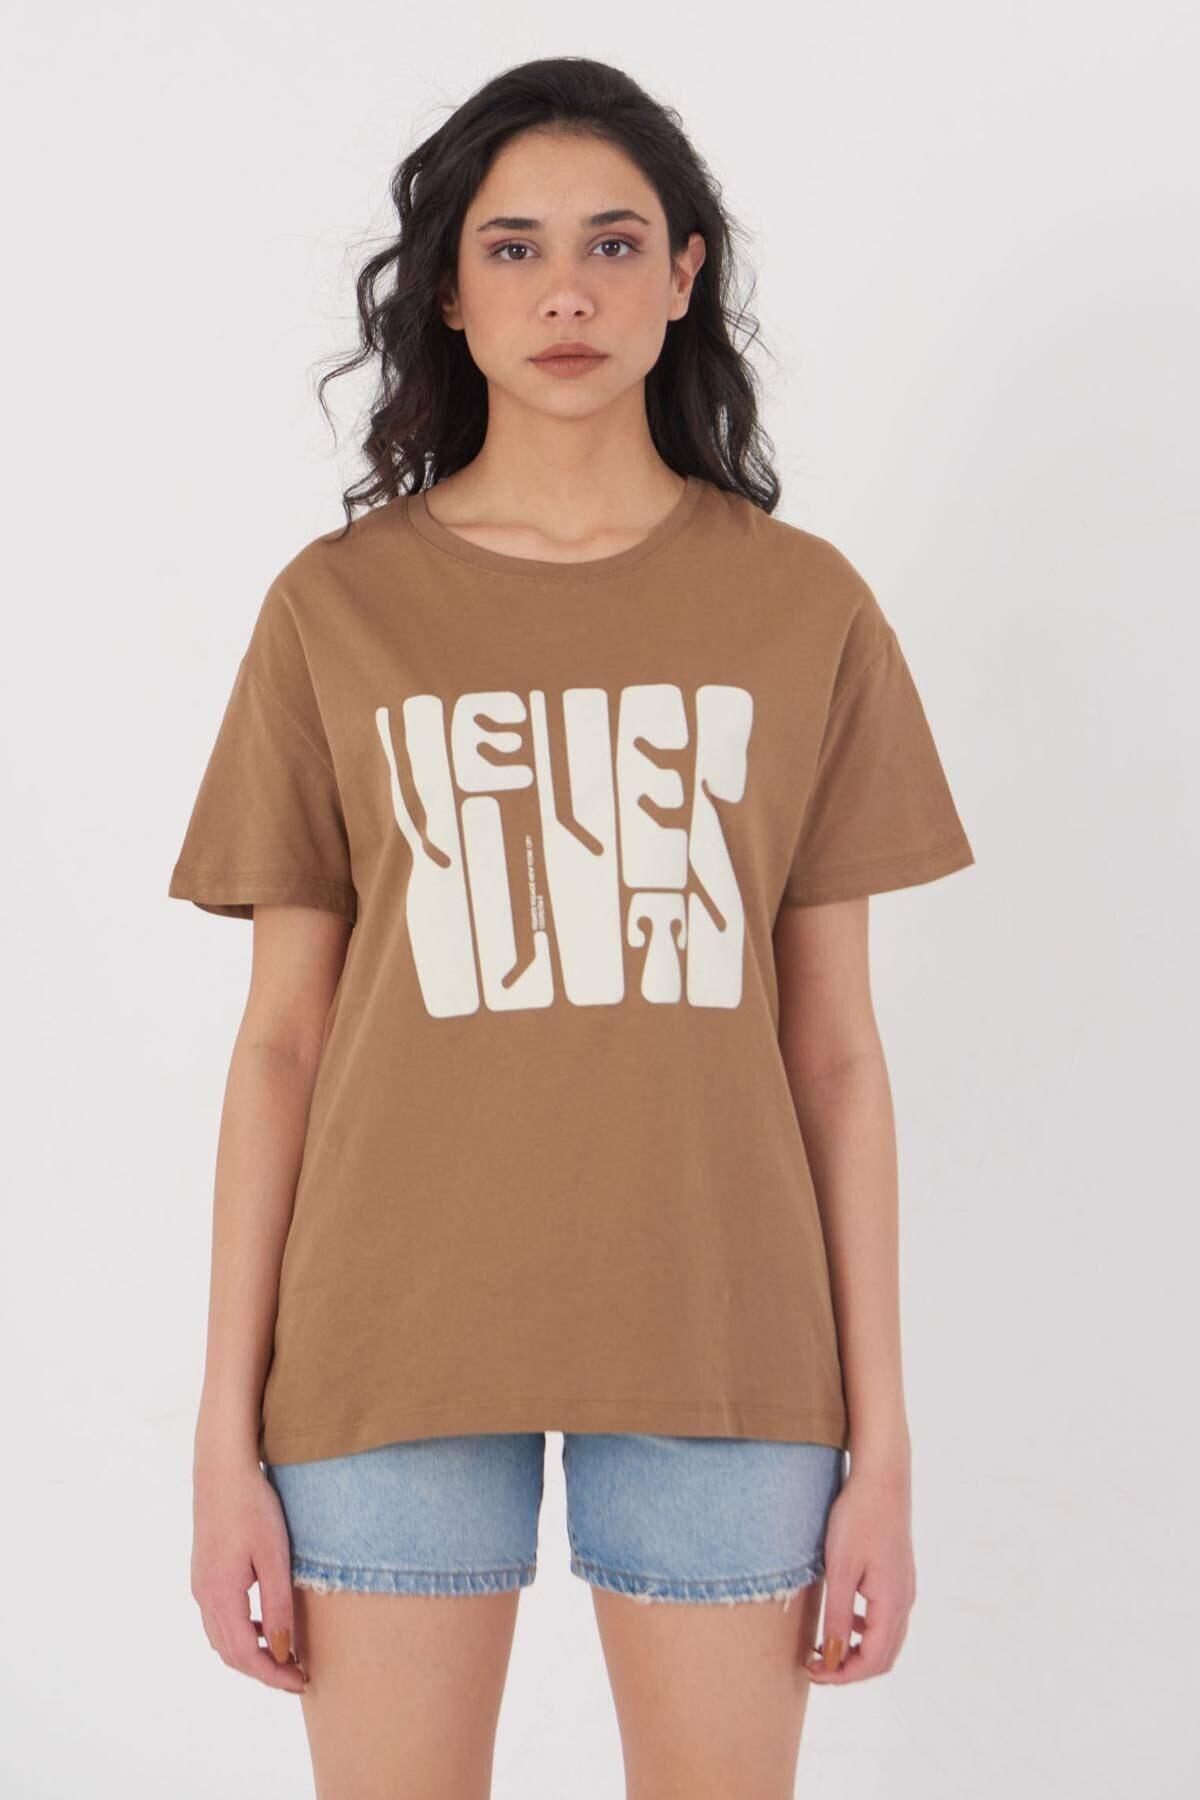 Addax Kadın Kahve Baskılı T-Shirt P4013 - U2 Adx-0000023901